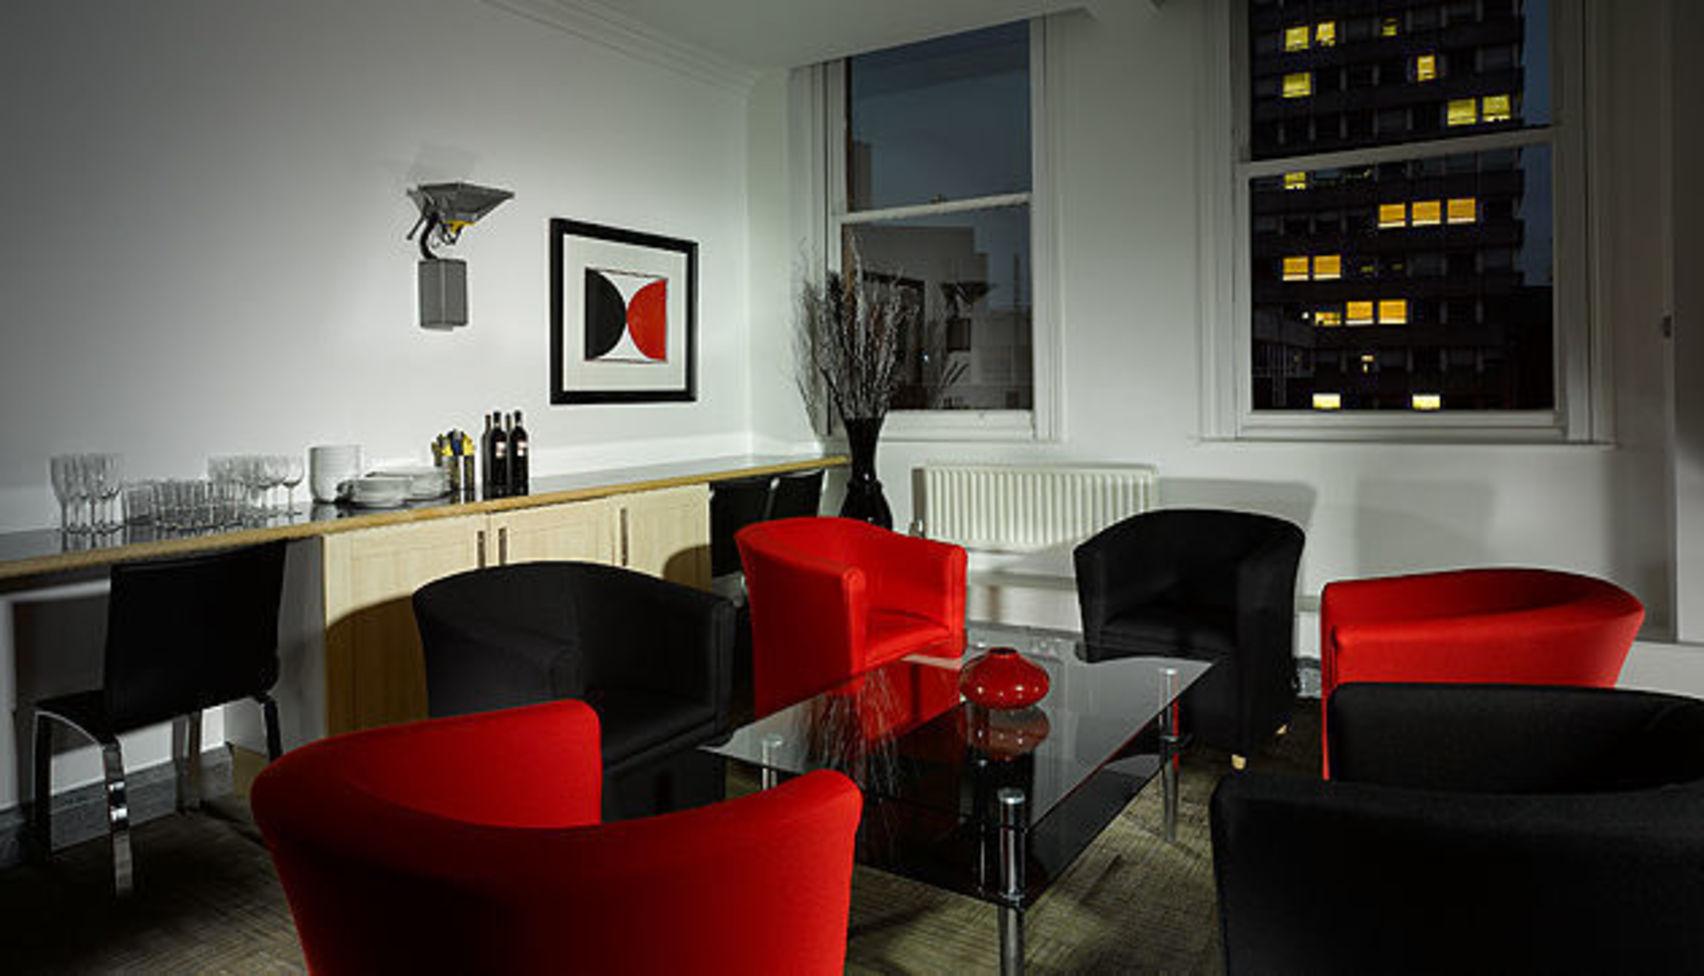 Studio Two, Aspect Viewing Facilites